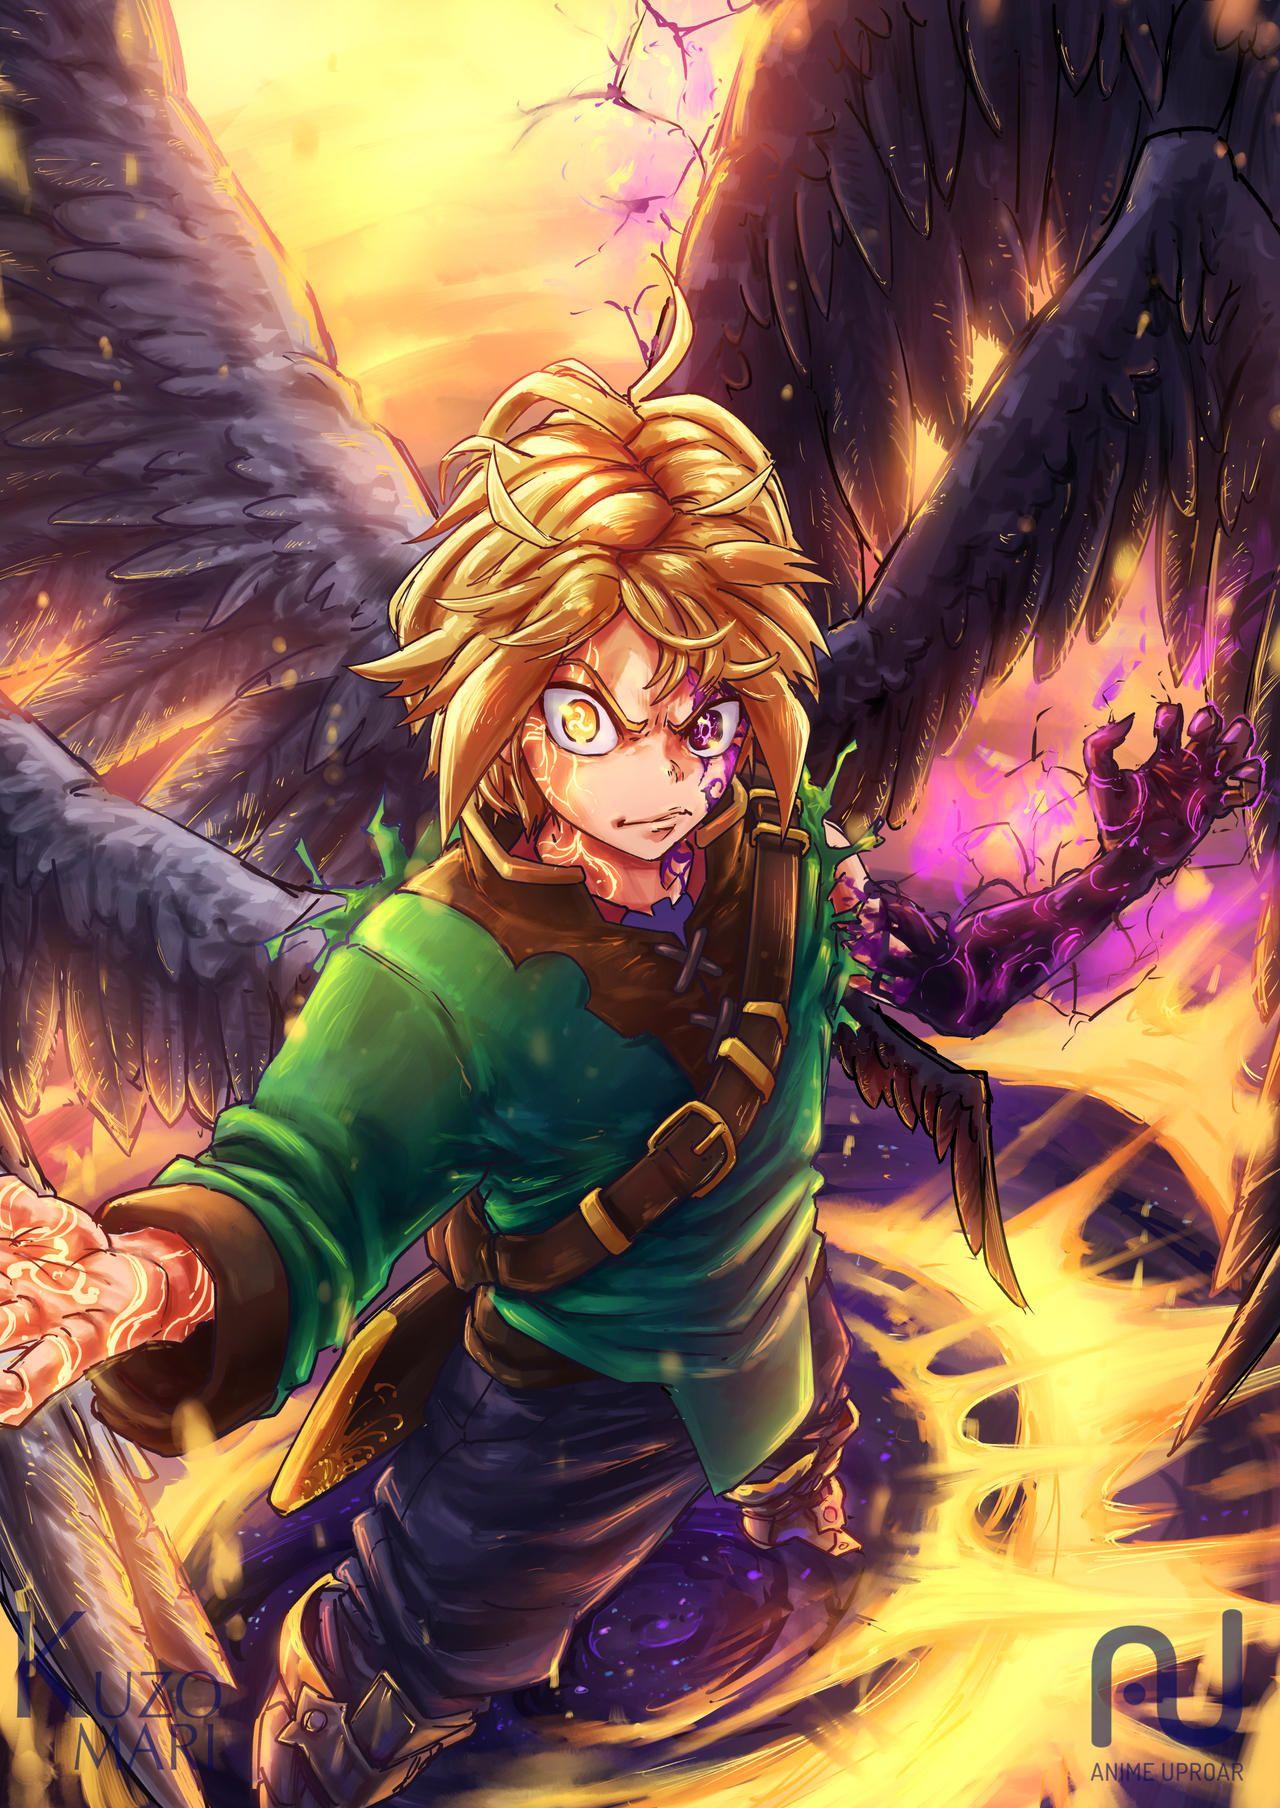 Alesteir, The New Dragon's Sin of Wrath (Satanael, the Son